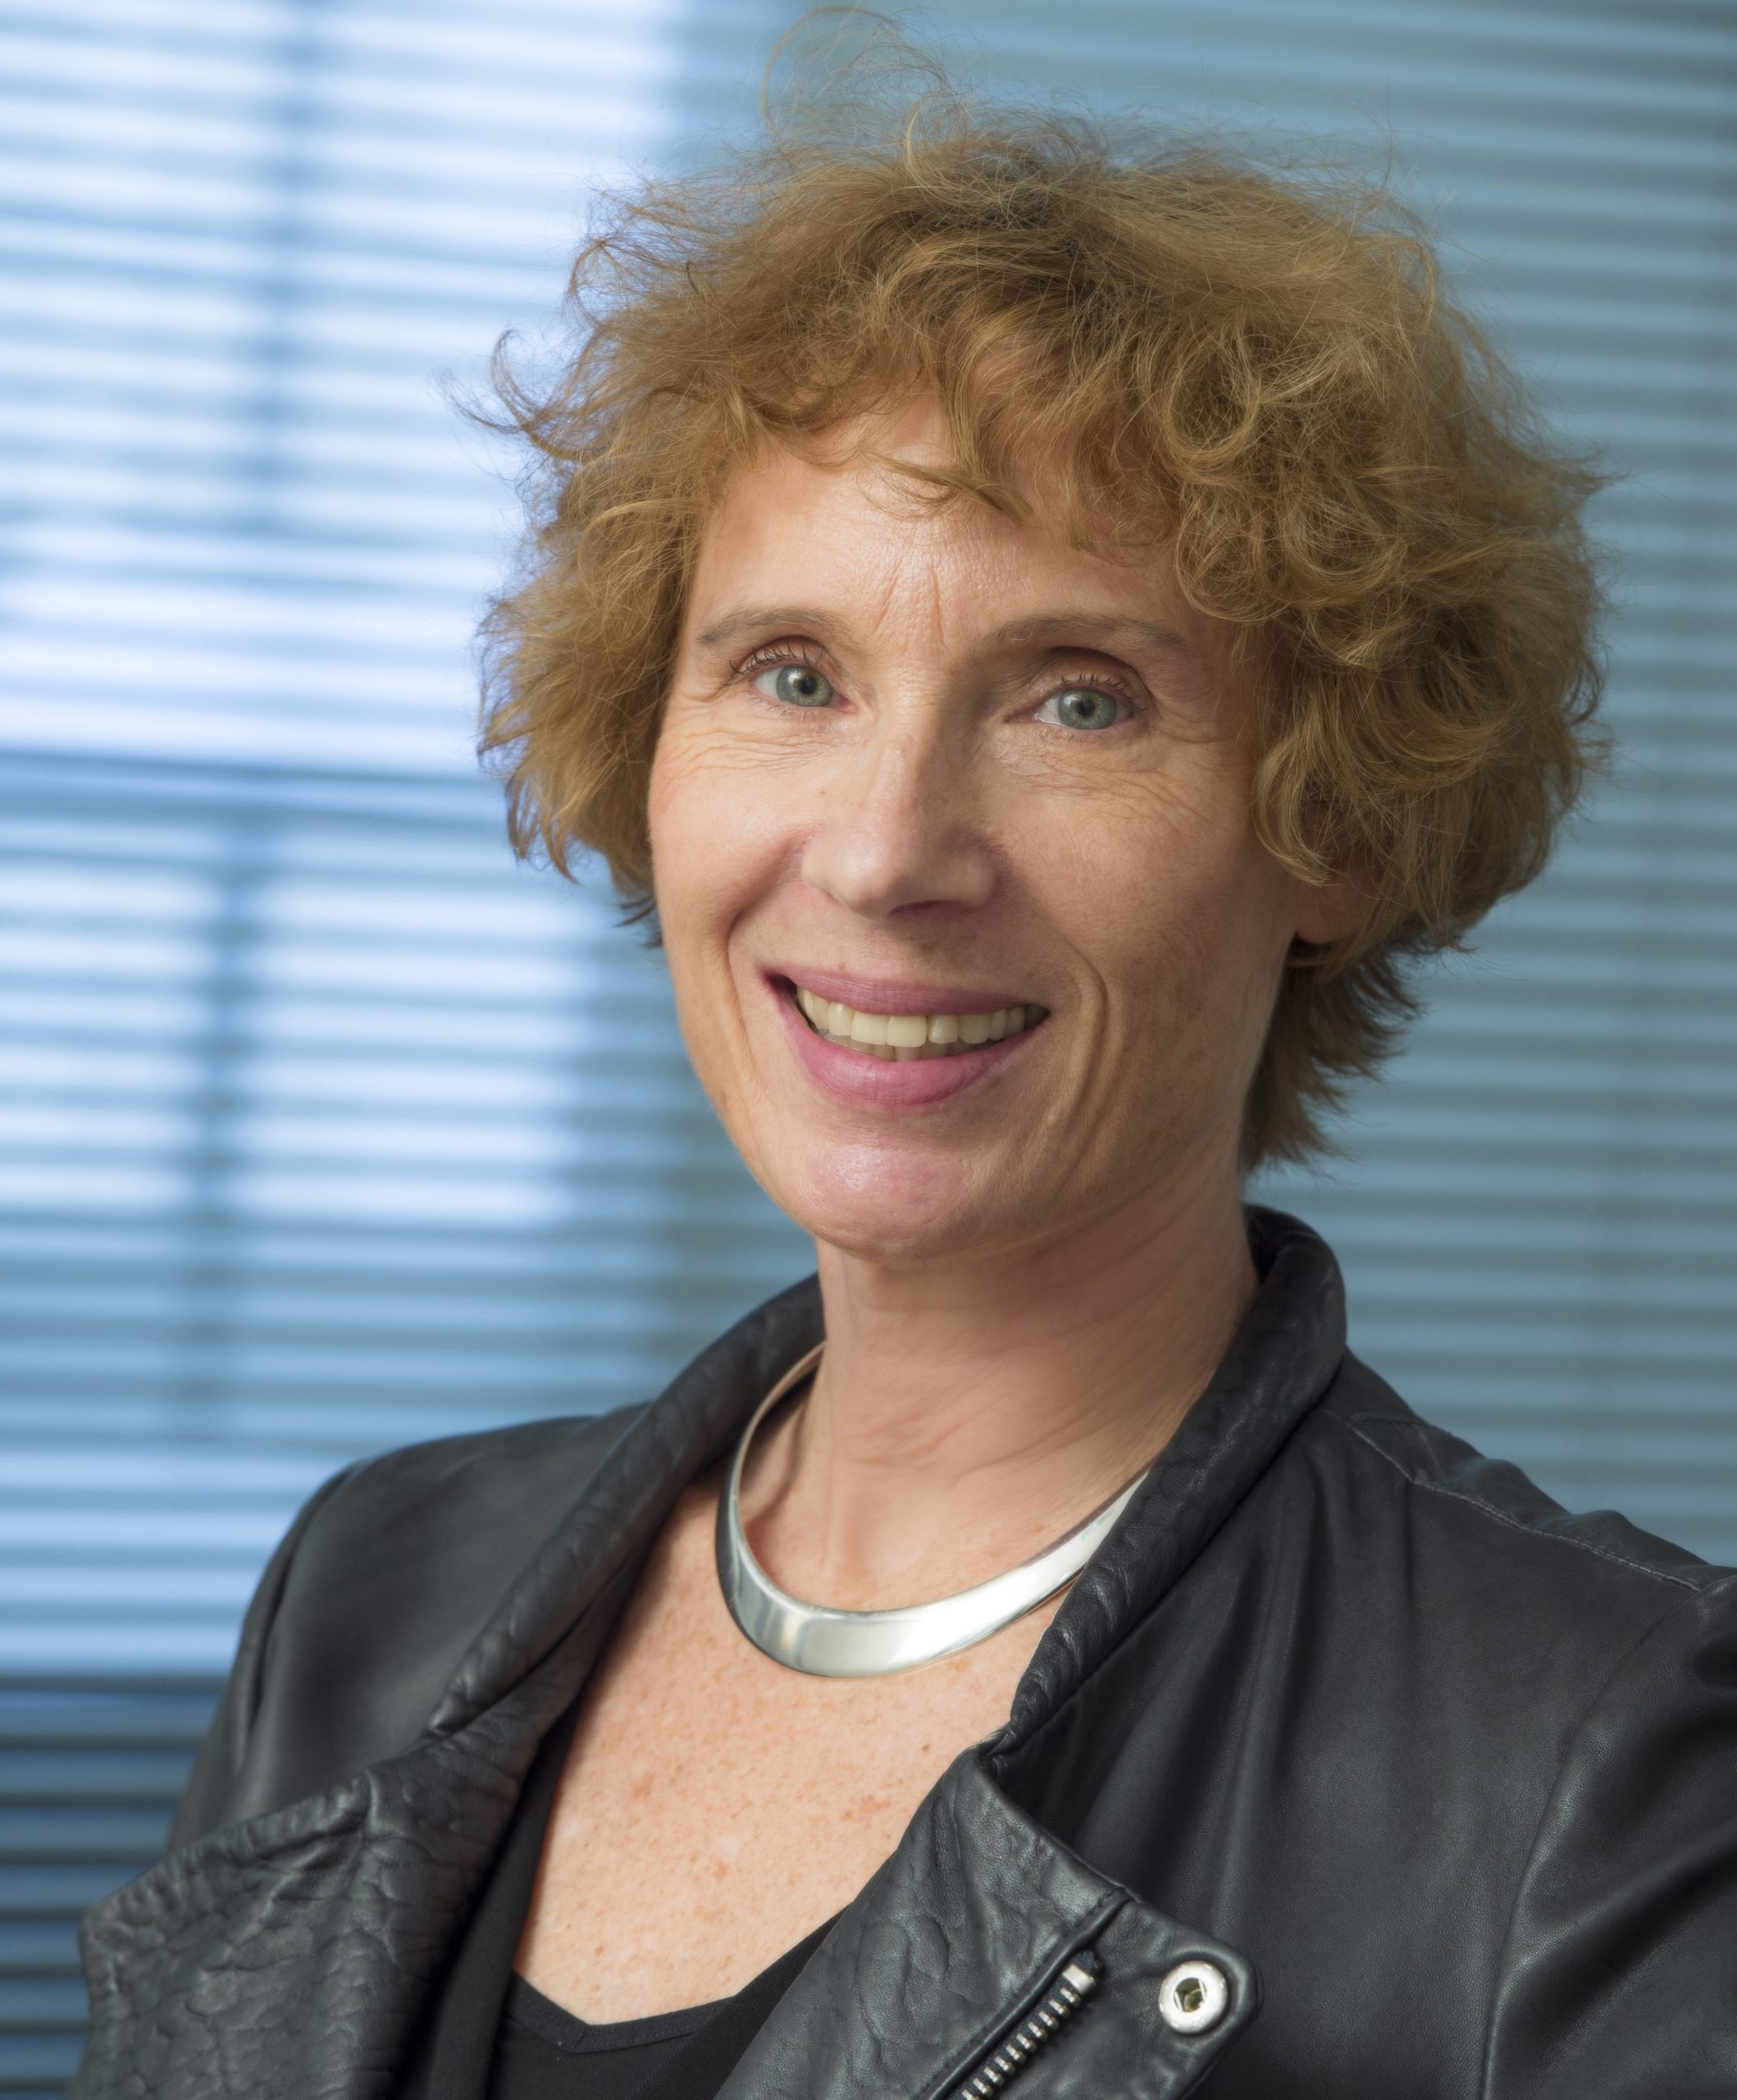 COMMUNIQUÉ DE PRESSE – Marie-Laure Dreyfuss, nouvelle déléguée générale du CTIP